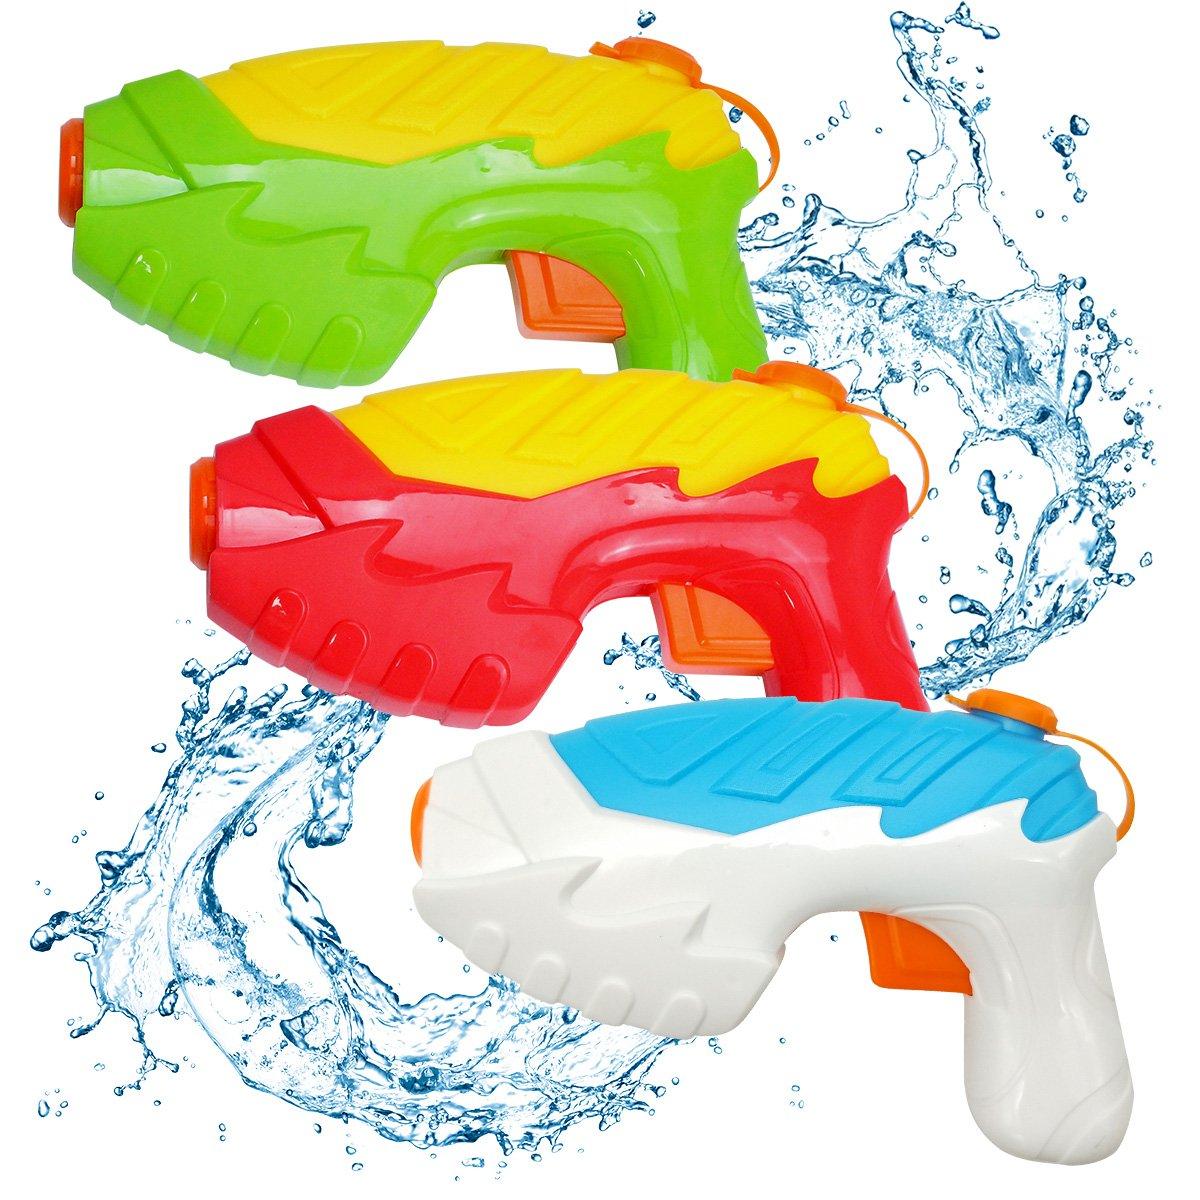 QUN FENG Water Gun, Water Soaker 3 Pack Squirt Shooter Gun for Kids Summer Outdoor Super Games